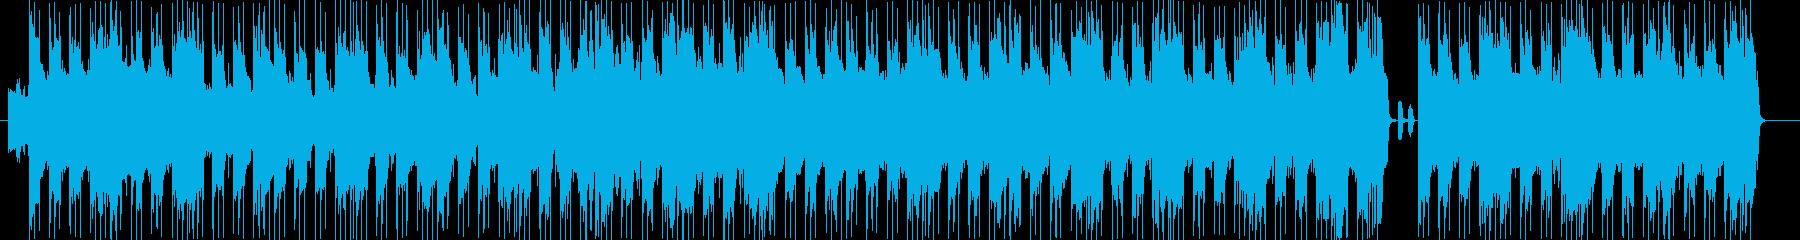 荒々しく野性的でワイルドなロックの再生済みの波形